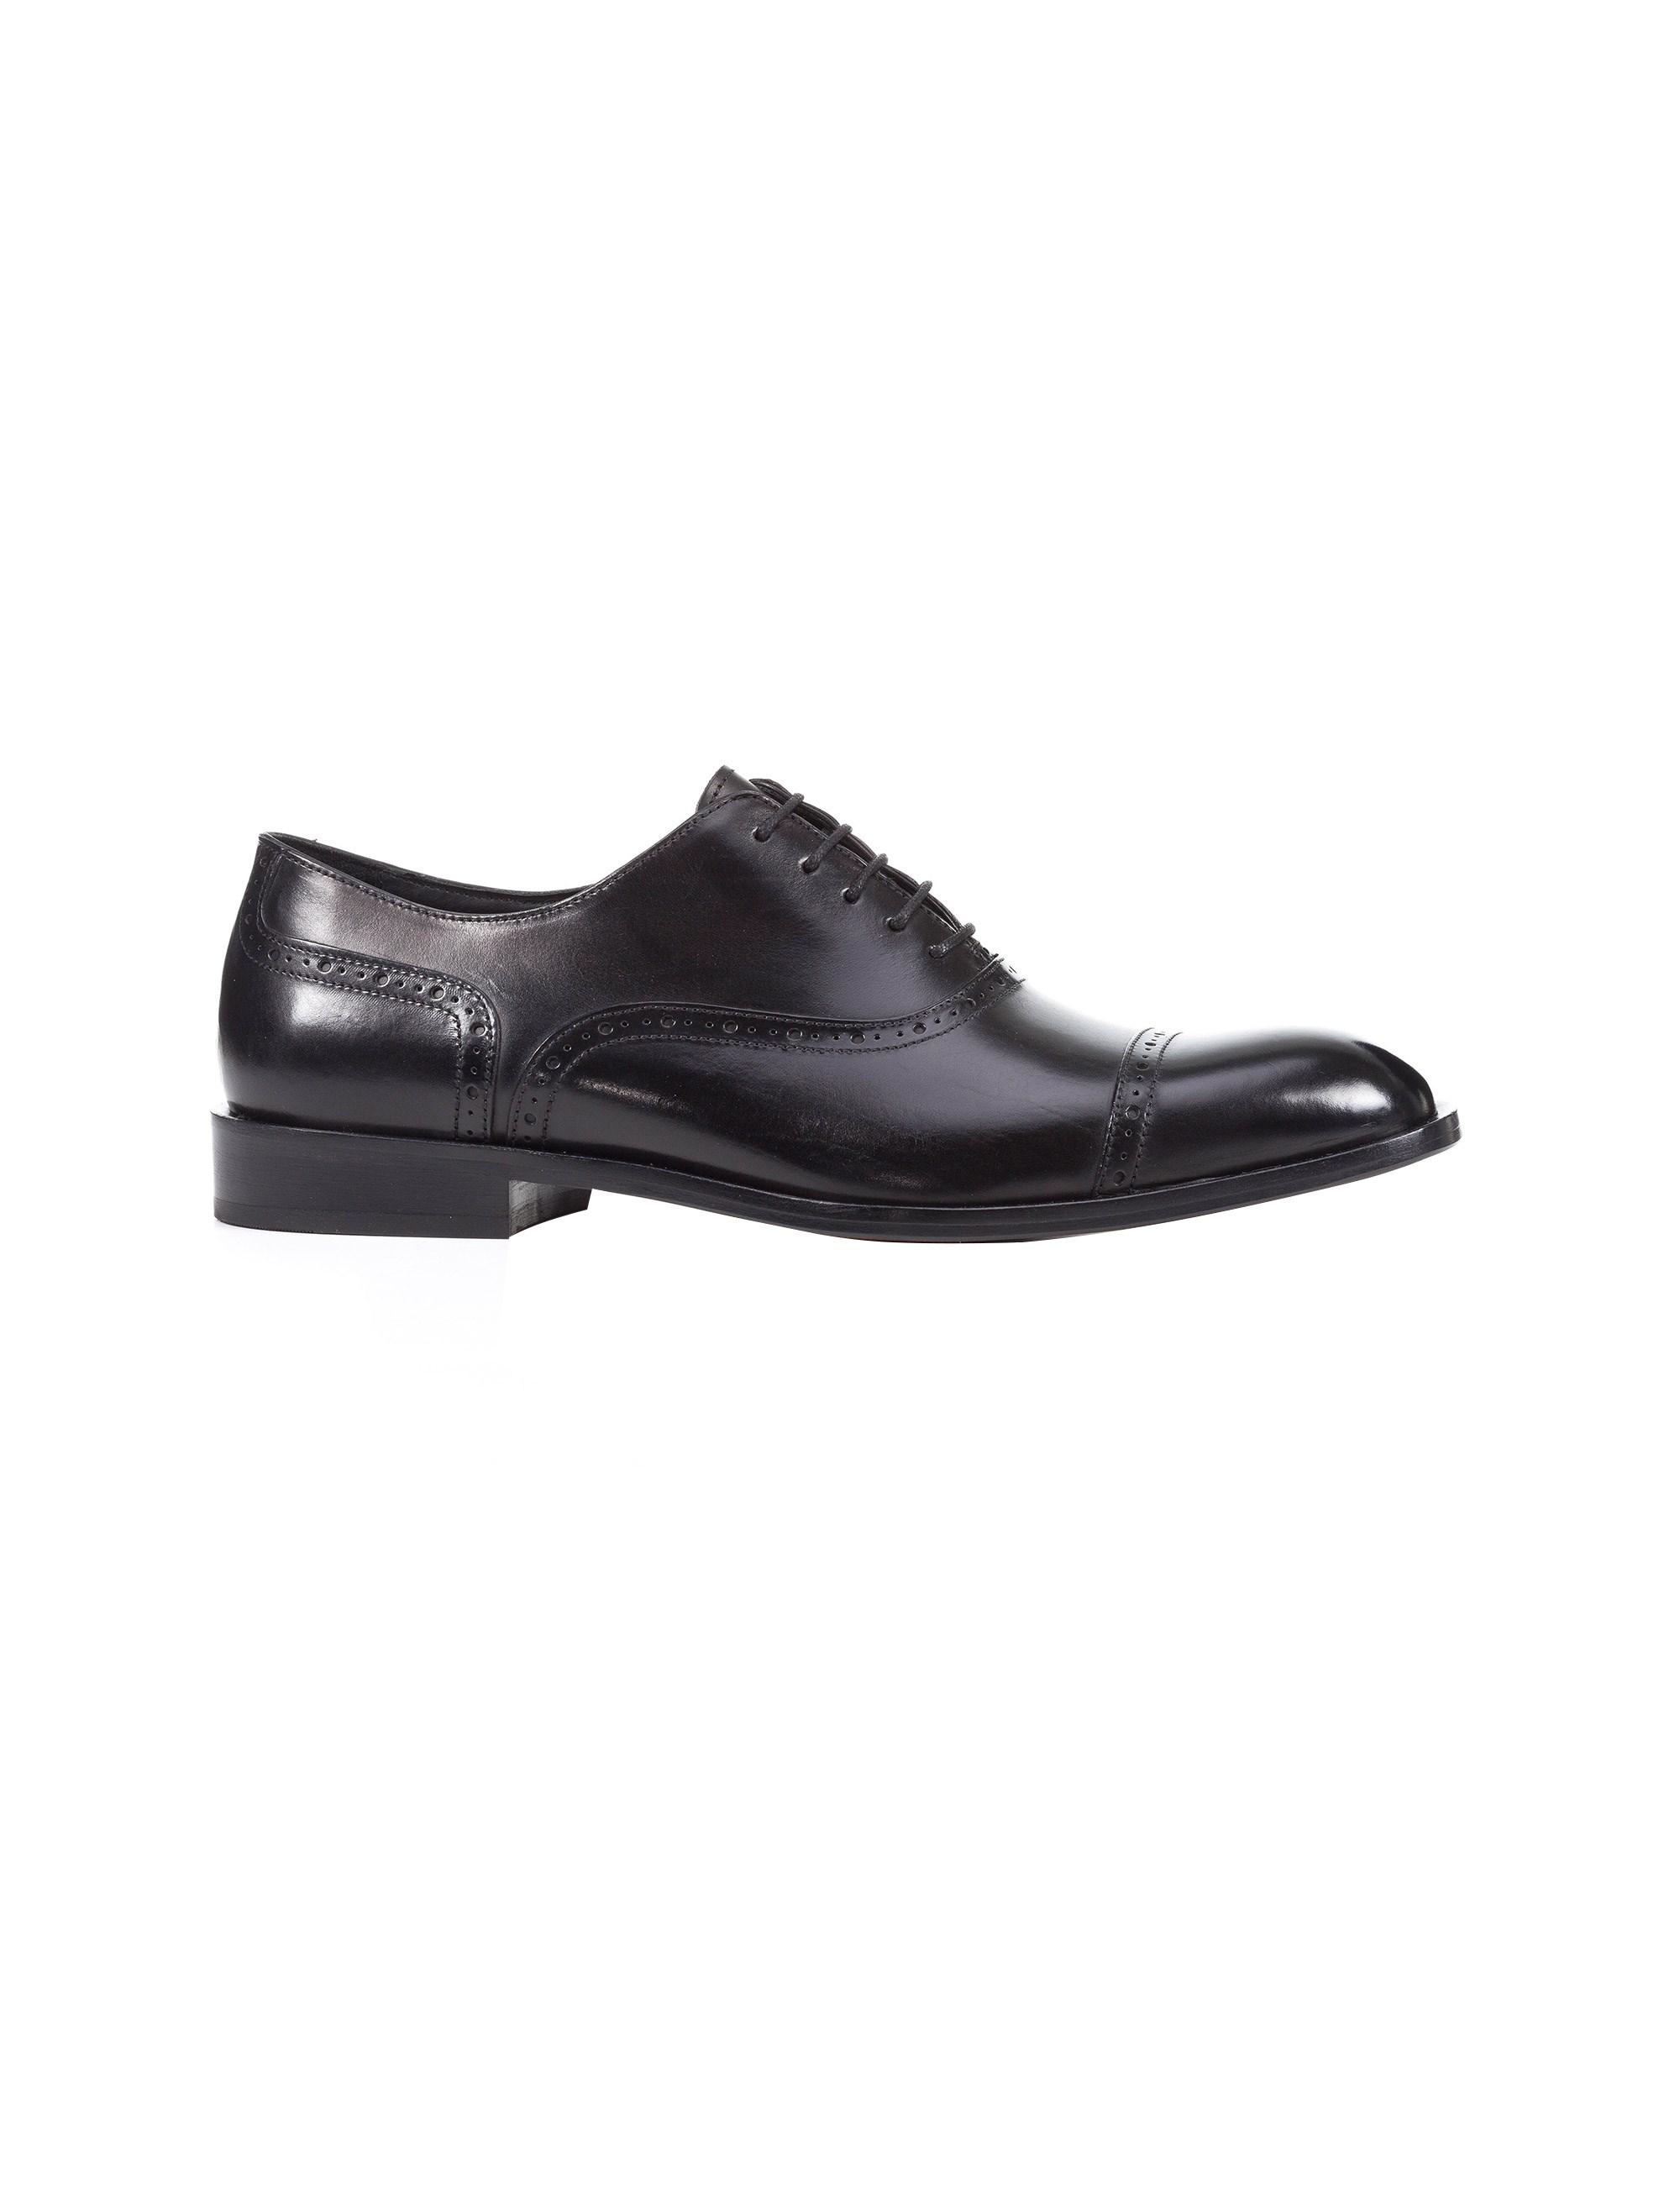 قیمت کفش رسمی چرم مردانه Saymore A - جی اوکس